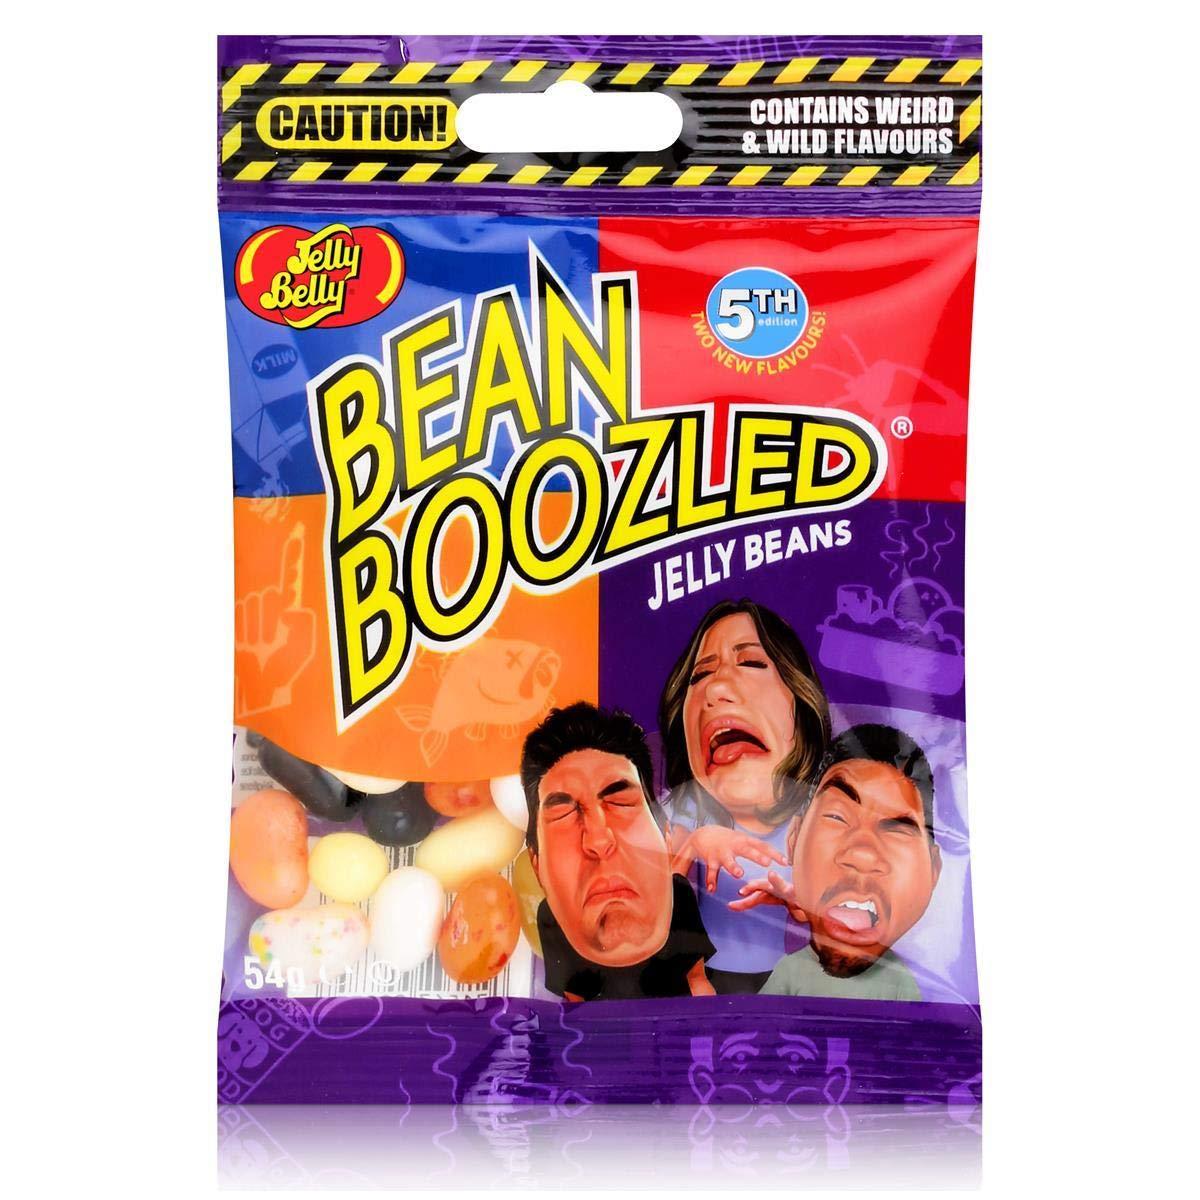 Bean boozled Jelly Beans!